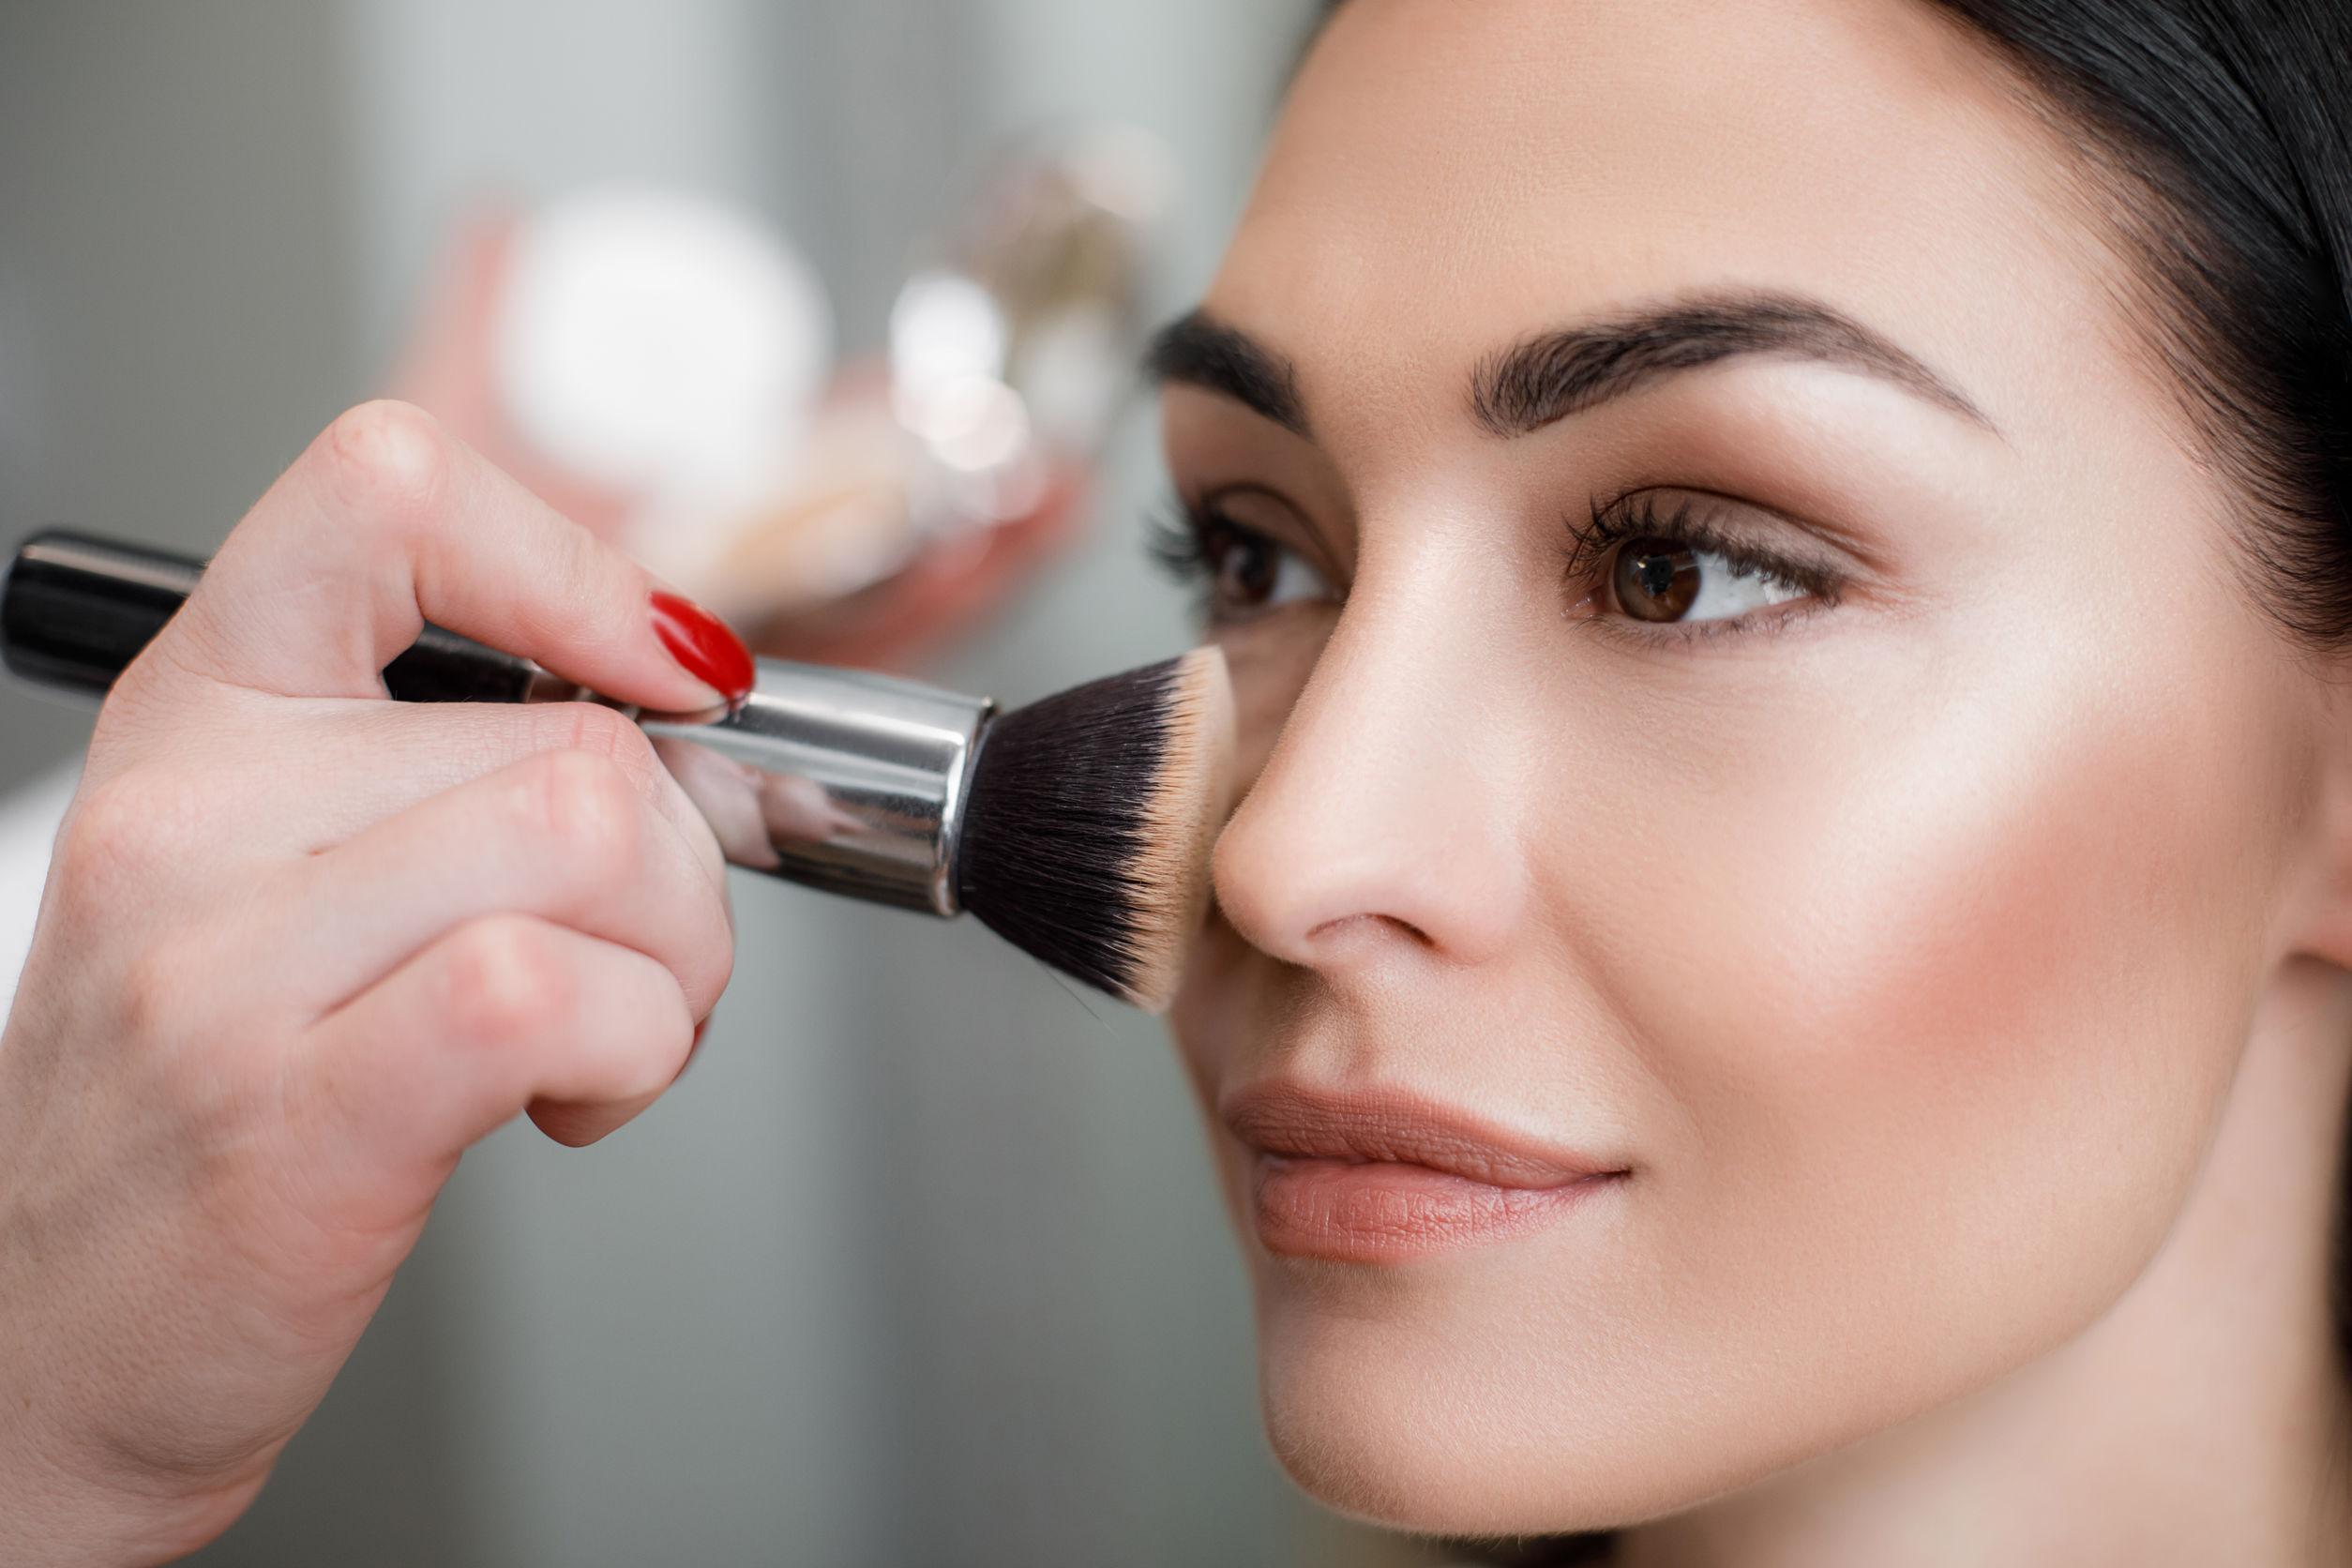 Una mujer siendo maquillada en la cara